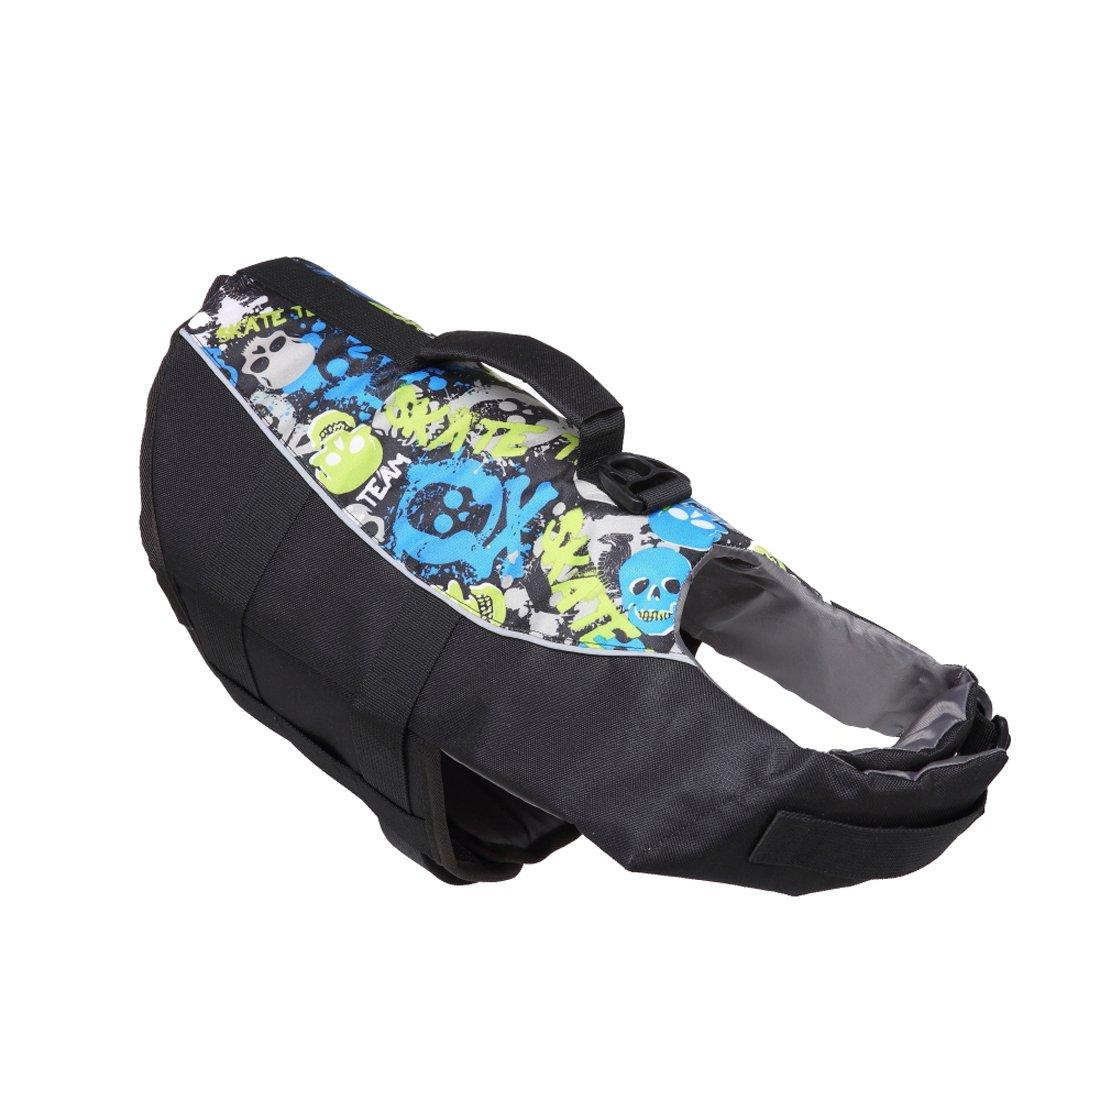 Black L (Bust 27-31\ Black L (Bust 27-31\ GabeFish Dog Patterned Life Jacket Pet Safety Swimsuit Floatation Life Vest Preserver for Small Medium Large Dogs Black Large